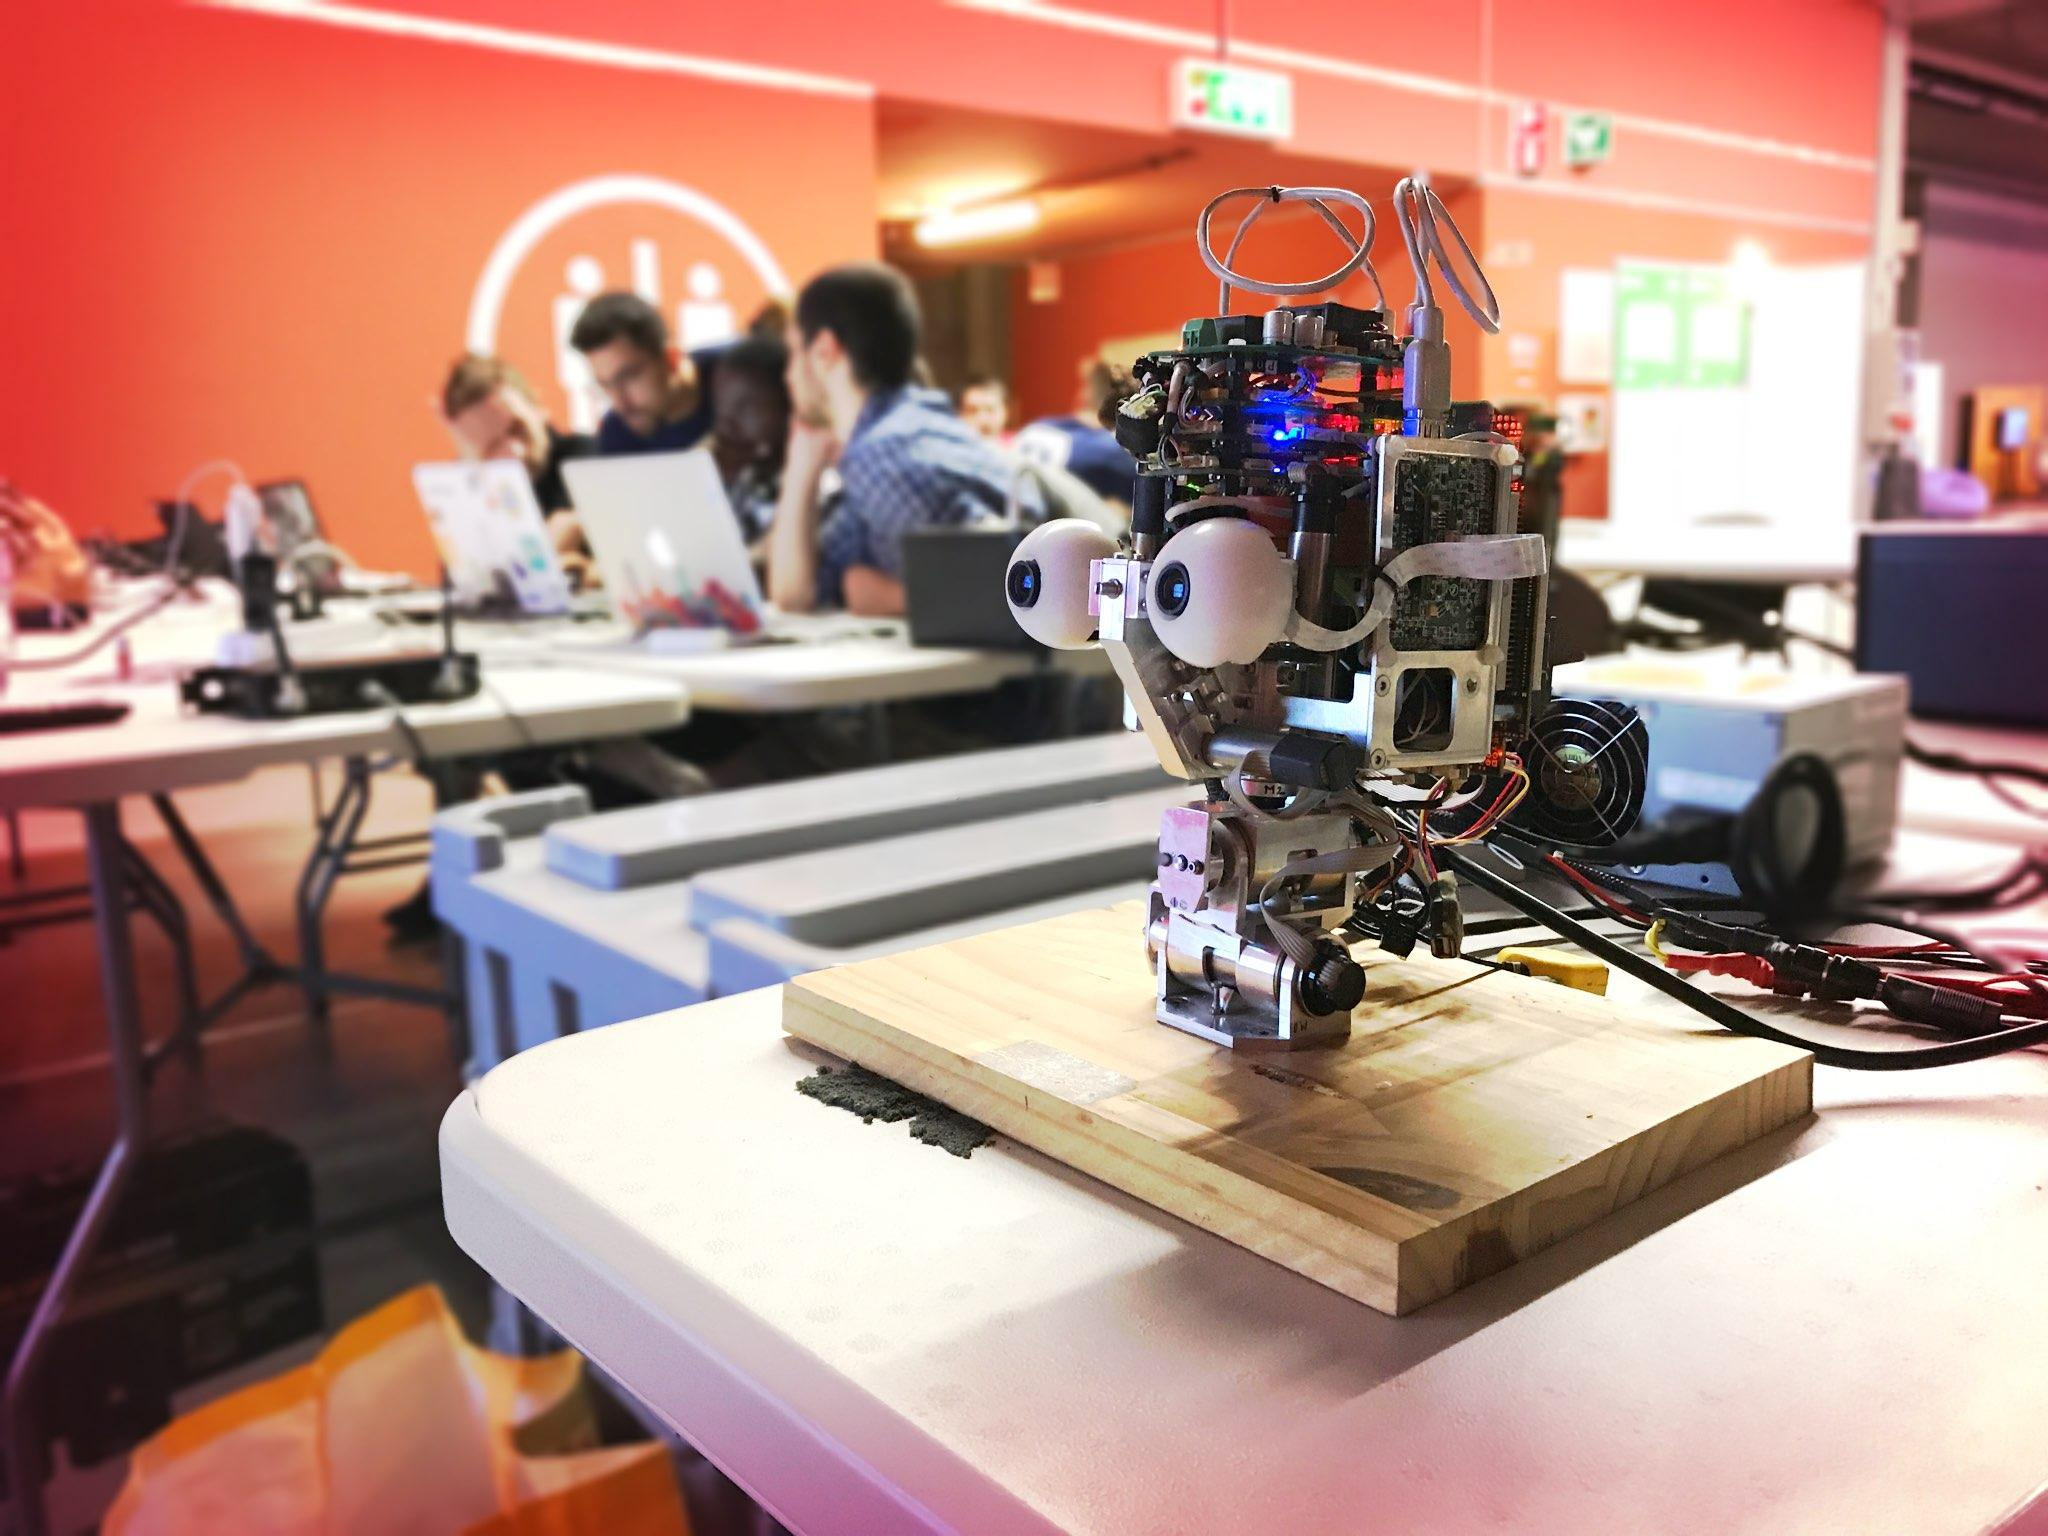 Easy Peasy Robotics